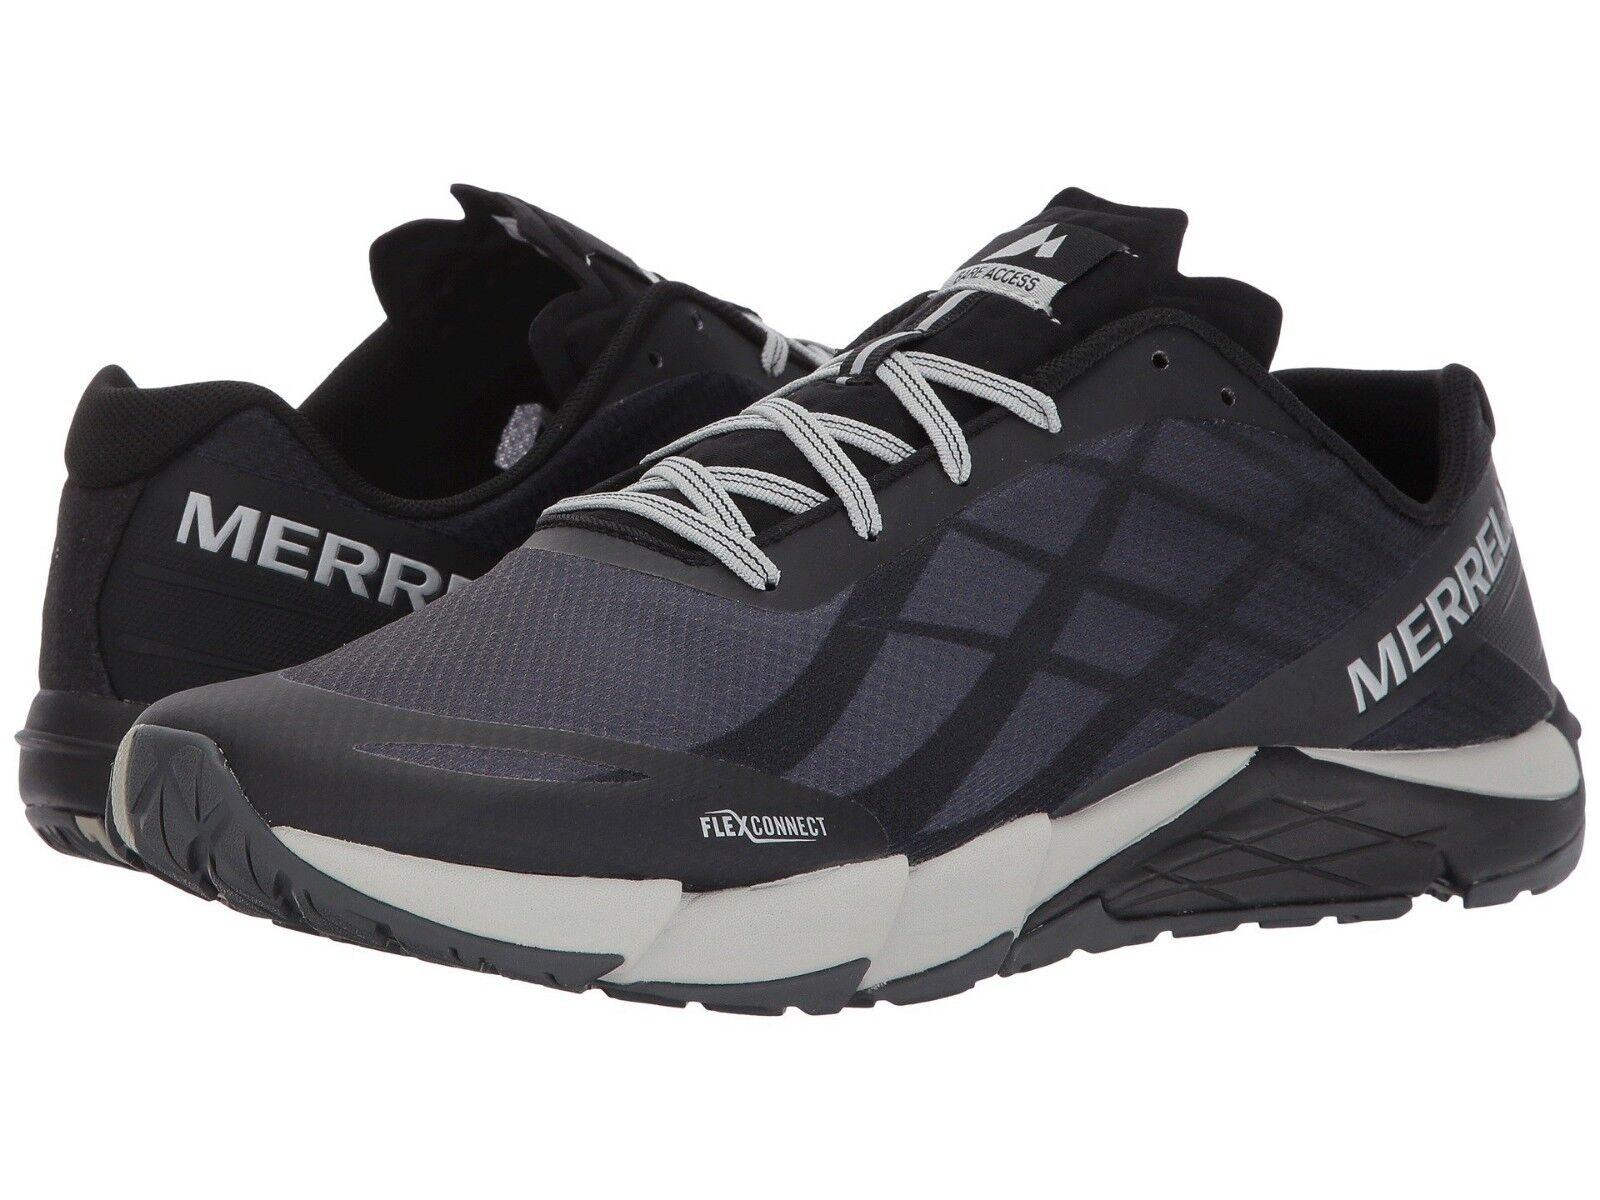 El nuevo estilo masculino merrell Bare Access Flex, zapatos de correa de encaje plateado negro.